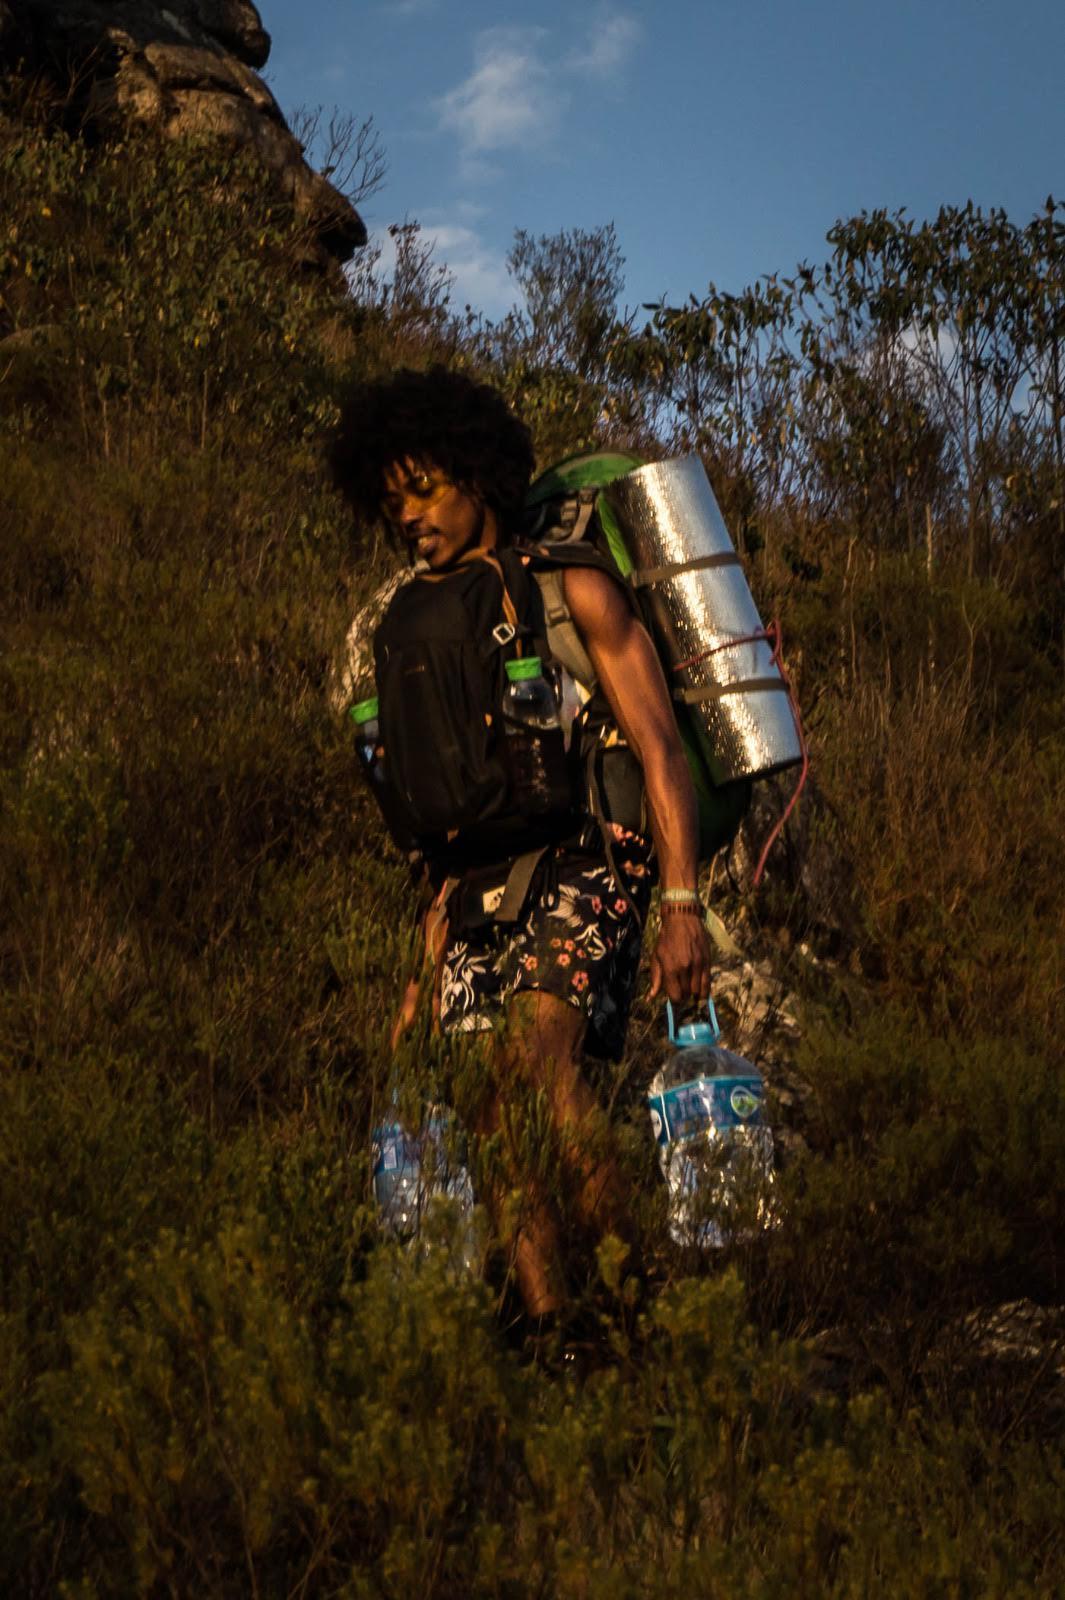 Foto de um homem negro, carregando uma mochila na frente do peito, uma mochila cargueira com um isolante térmico nas costas e um galão de água na mão esquerda. Ele está no meio de uma trilha com arbustos altos.